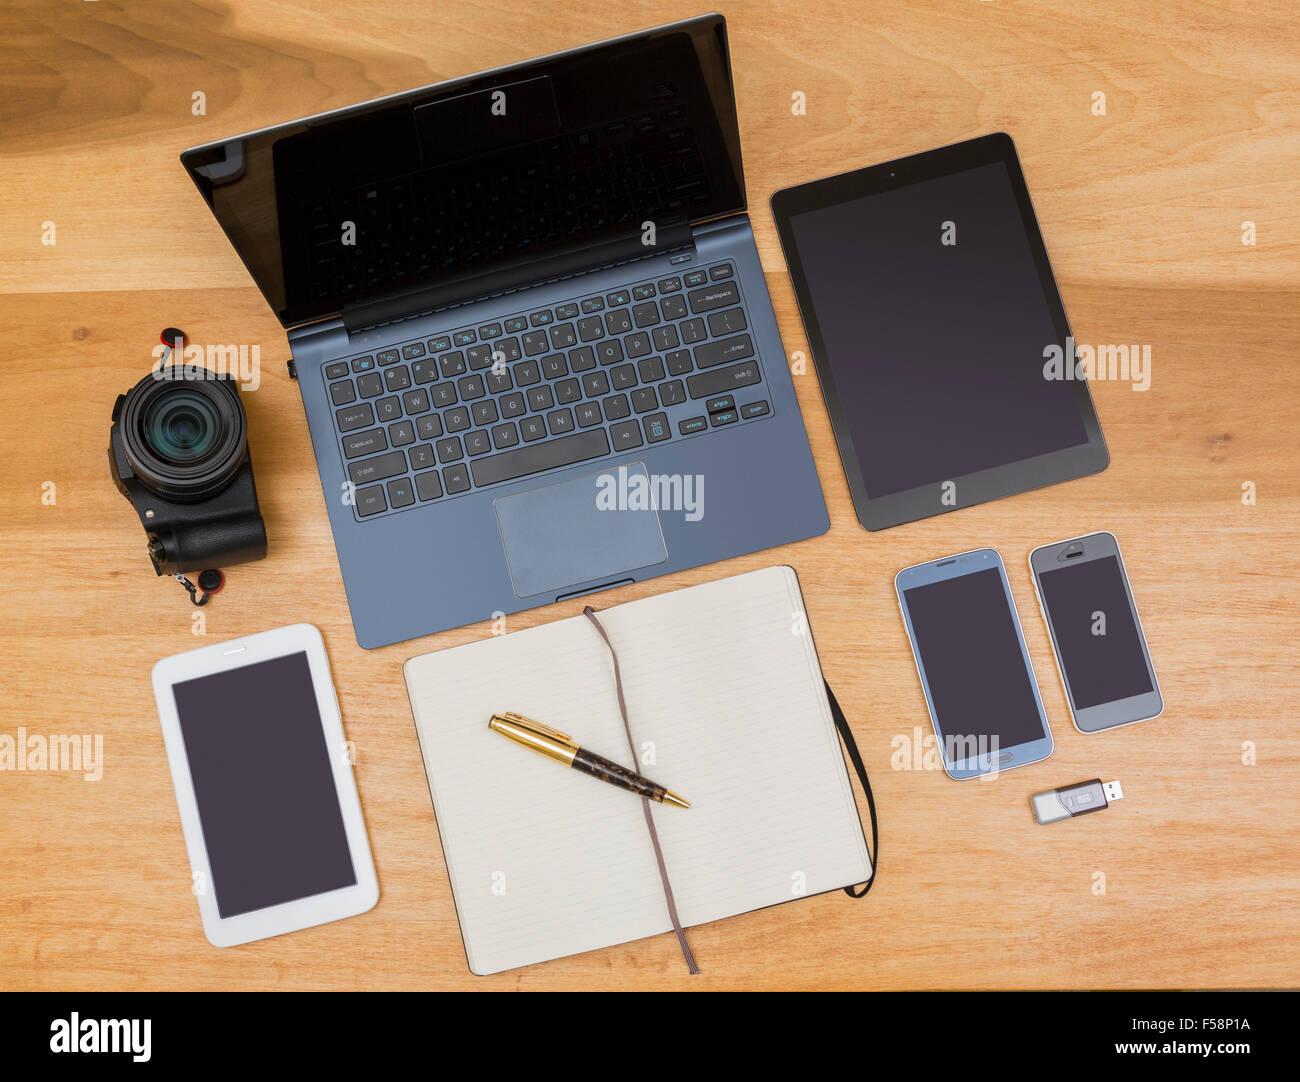 Draufsicht der Schreibtisch mit Laptop, Smartphone, Tablet, Kamera und Notizbuch und Stift - digitales Design / Stockbild